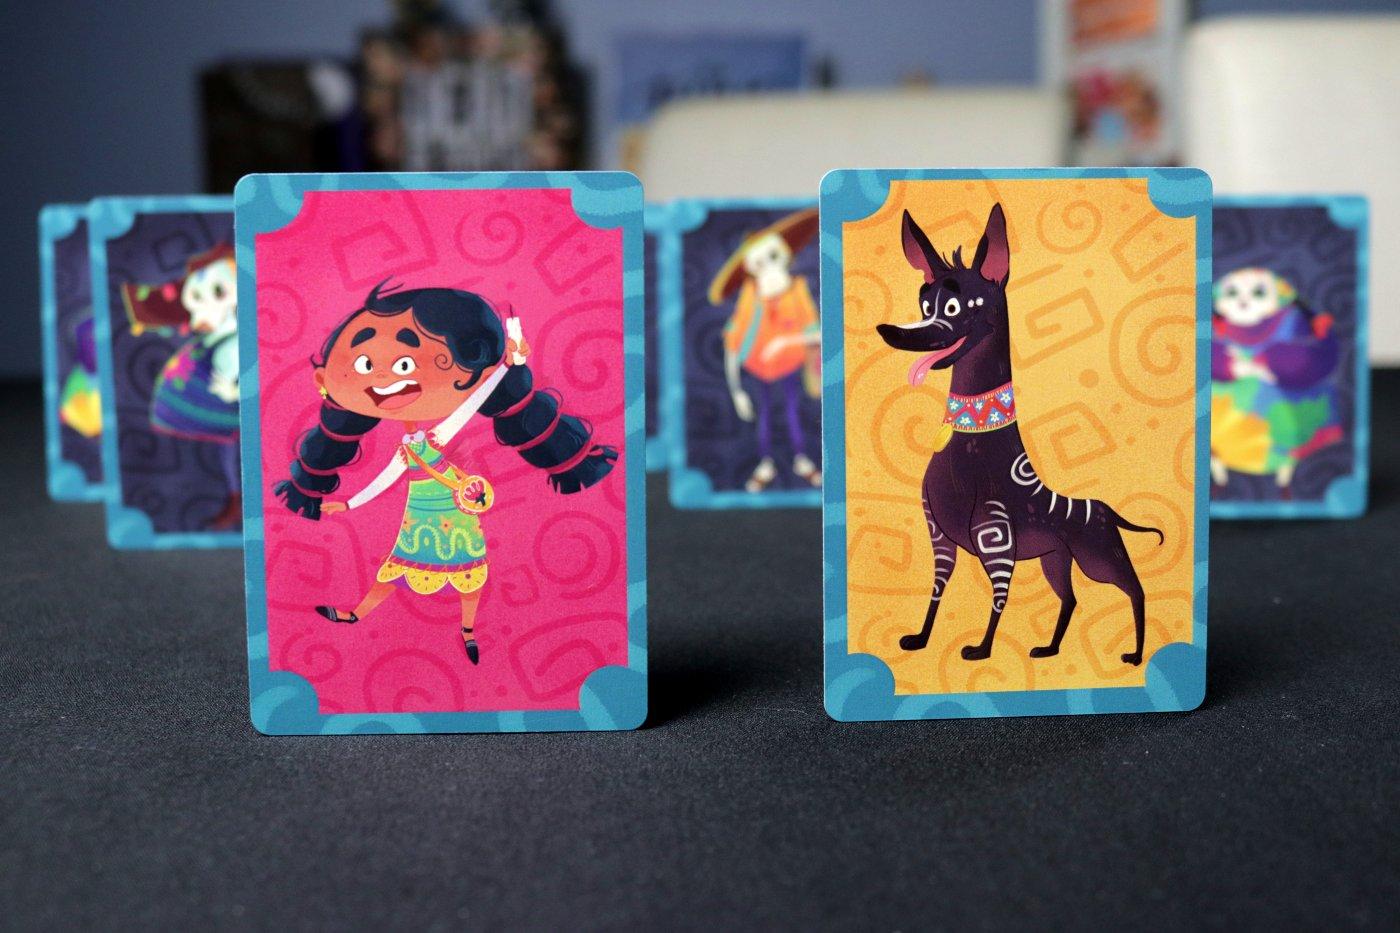 Hysteria Luna and Kiko cards